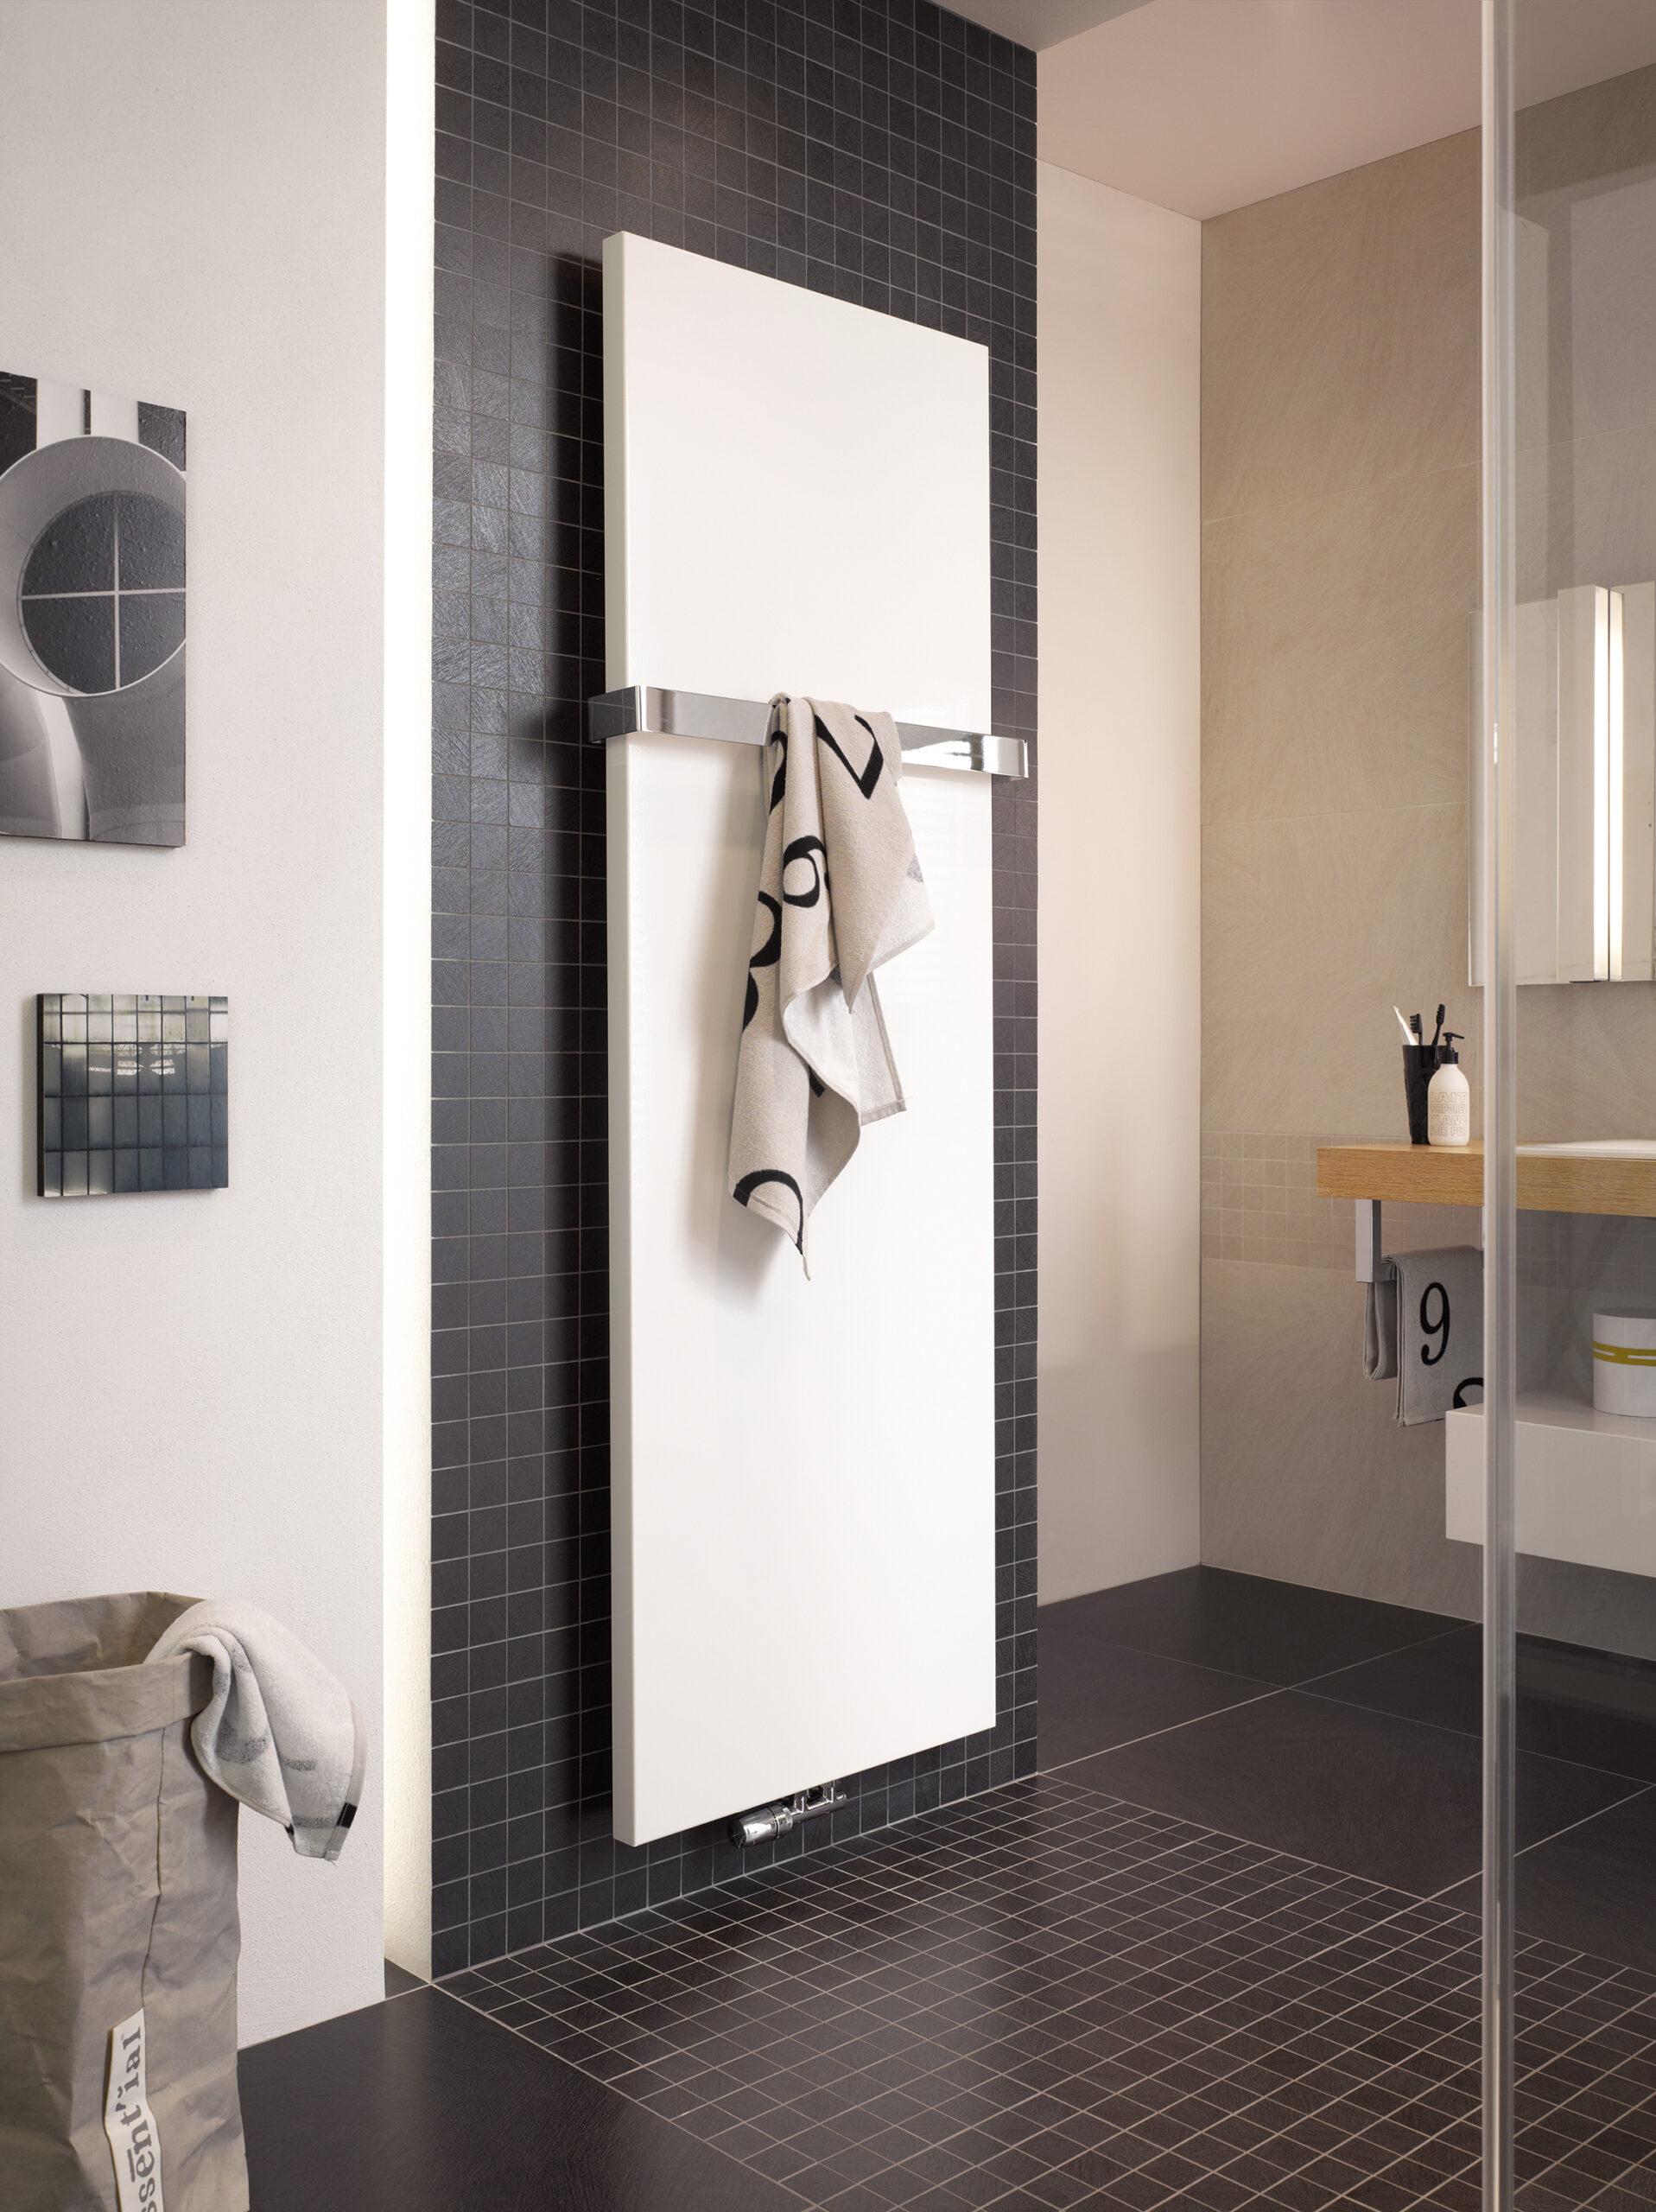 Full Size of Hsk Duschkabinenbau Kg Presseportal Bad Heizkörper Wohnzimmer Elektroheizkörper Handtuchhalter Küche Für Badezimmer Wohnzimmer Handtuchhalter Heizkörper